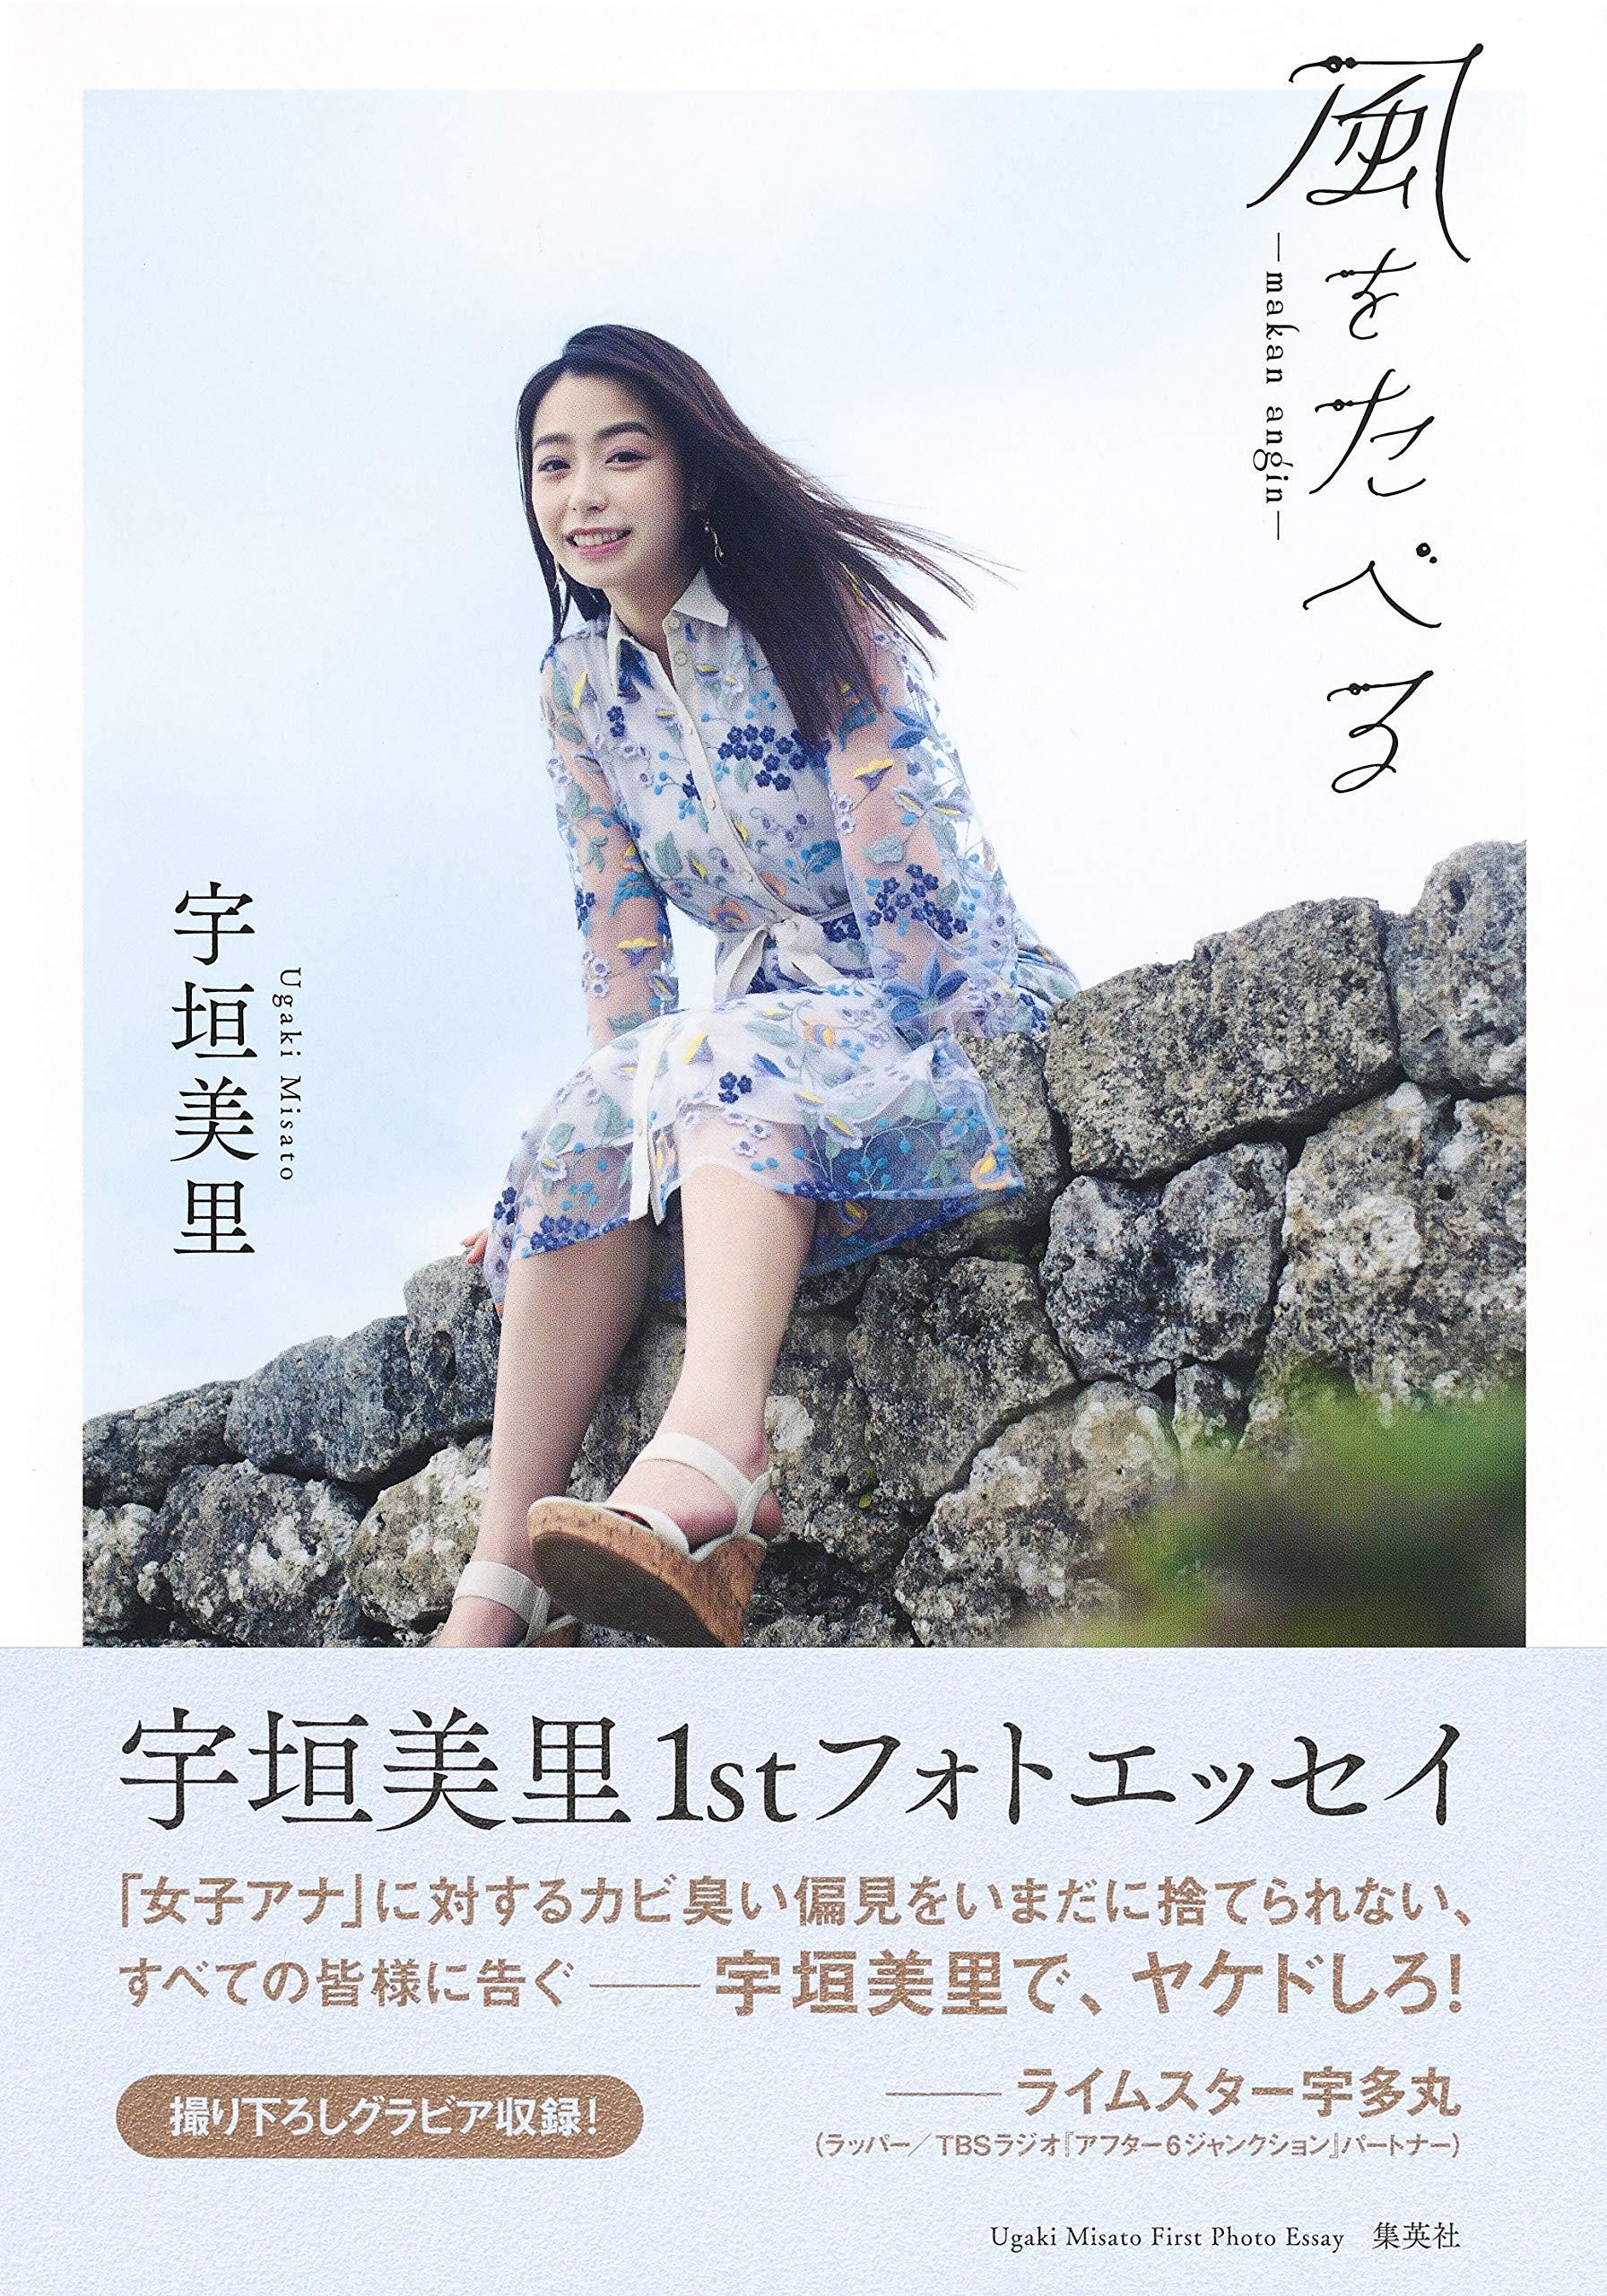 グラビアアイドル Gカップ 宇垣美里 Ugaki Misato 作品集